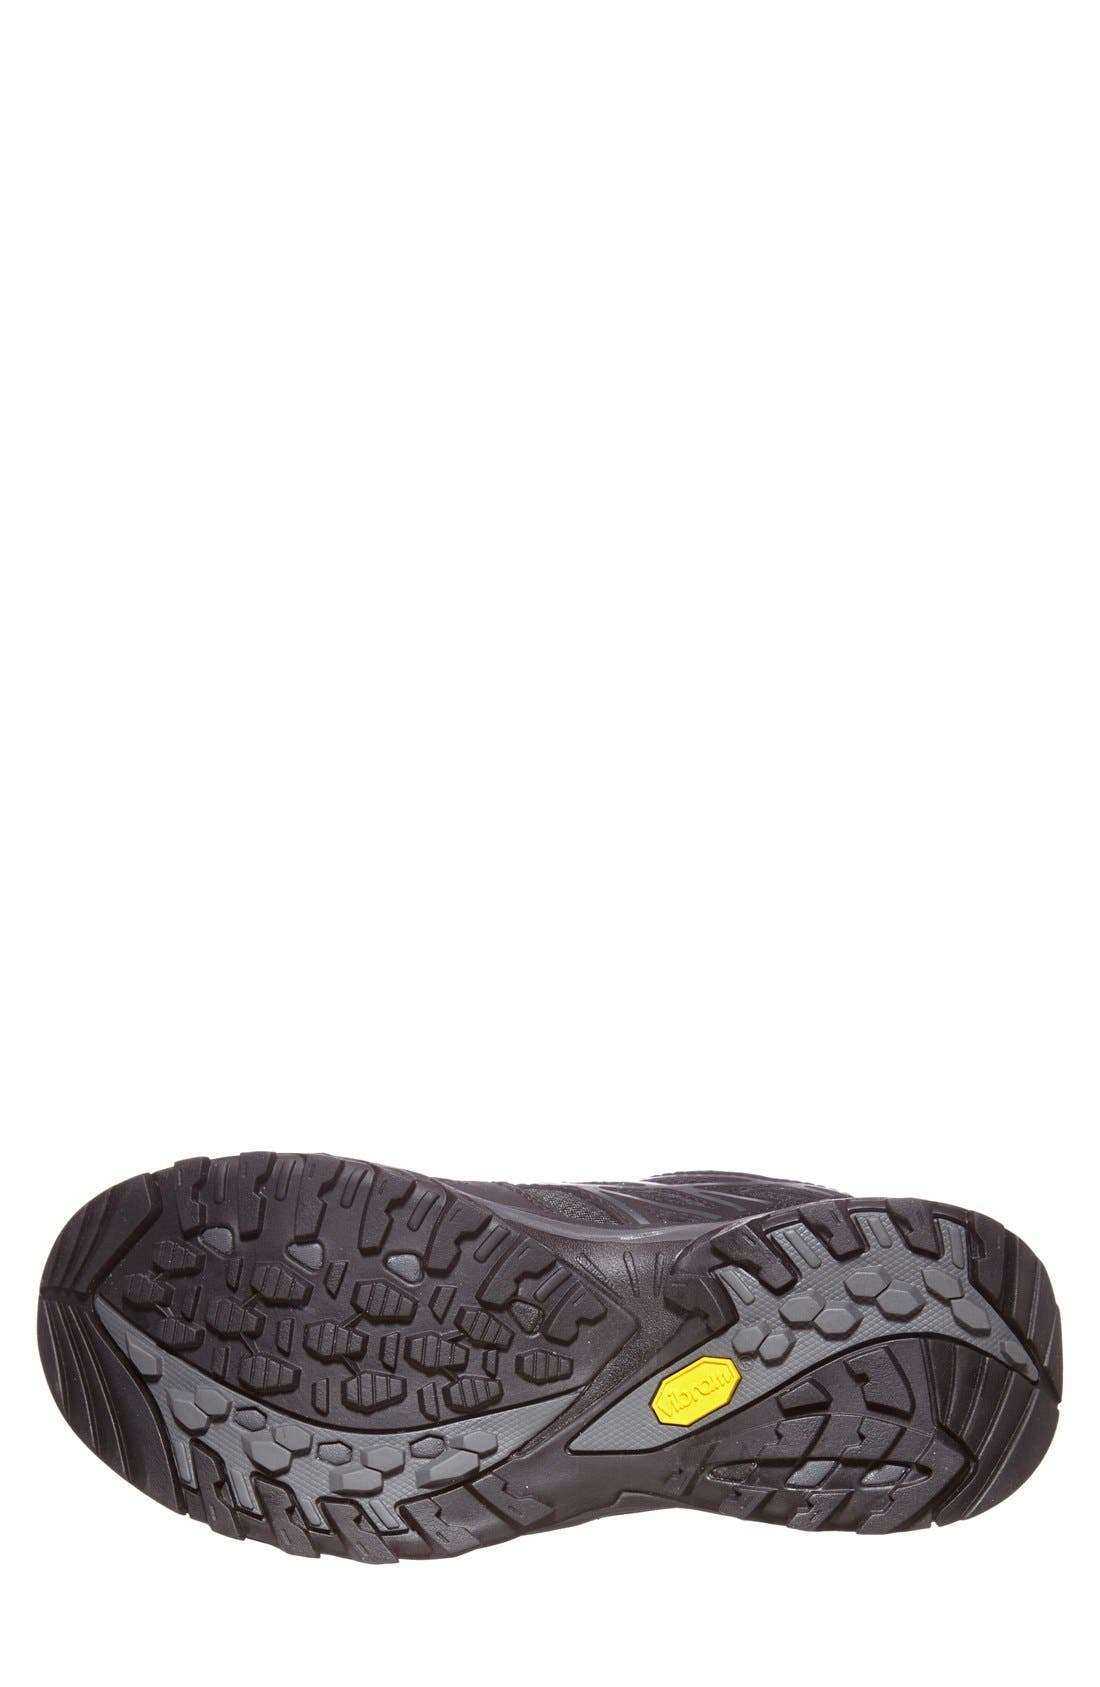 'Hedgehog Fastpack' Gore-Tex<sup>®</sup> Waterproof Hiking Shoe,                             Alternate thumbnail 13, color,